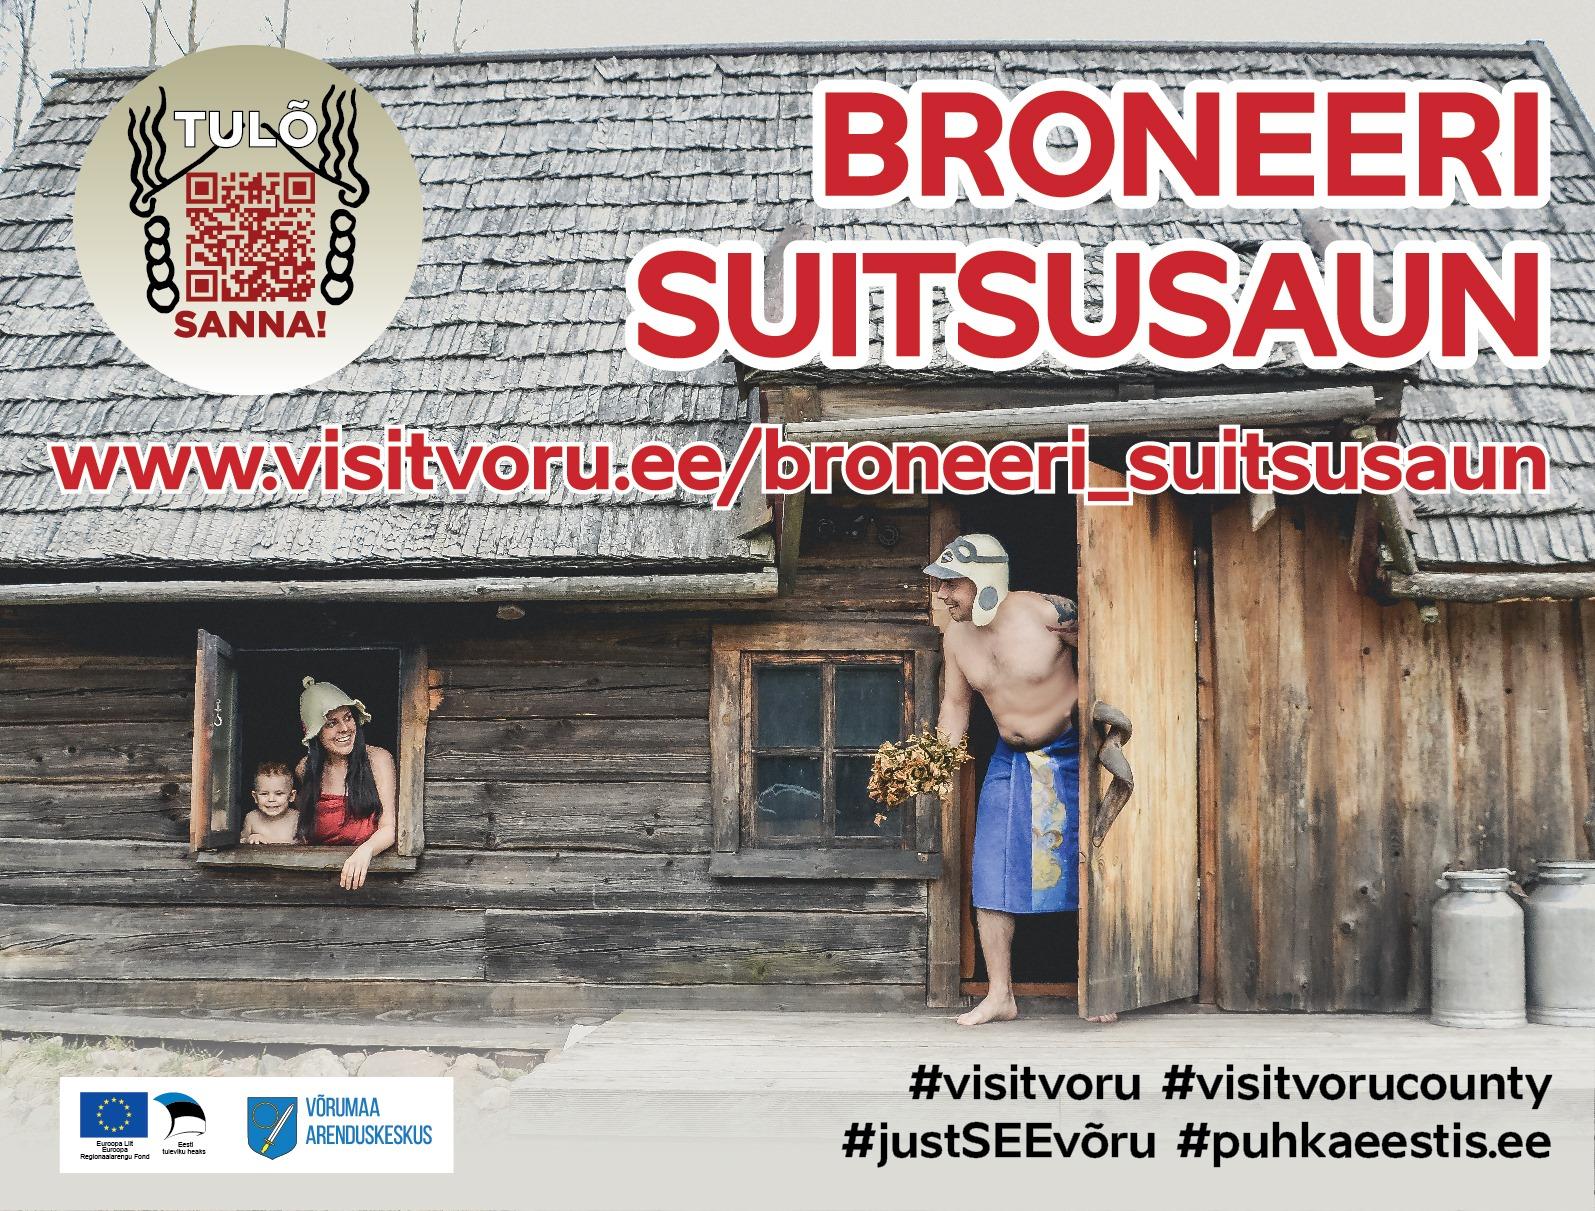 https://www.visitvoru.ee/broneeri_suitsusaun